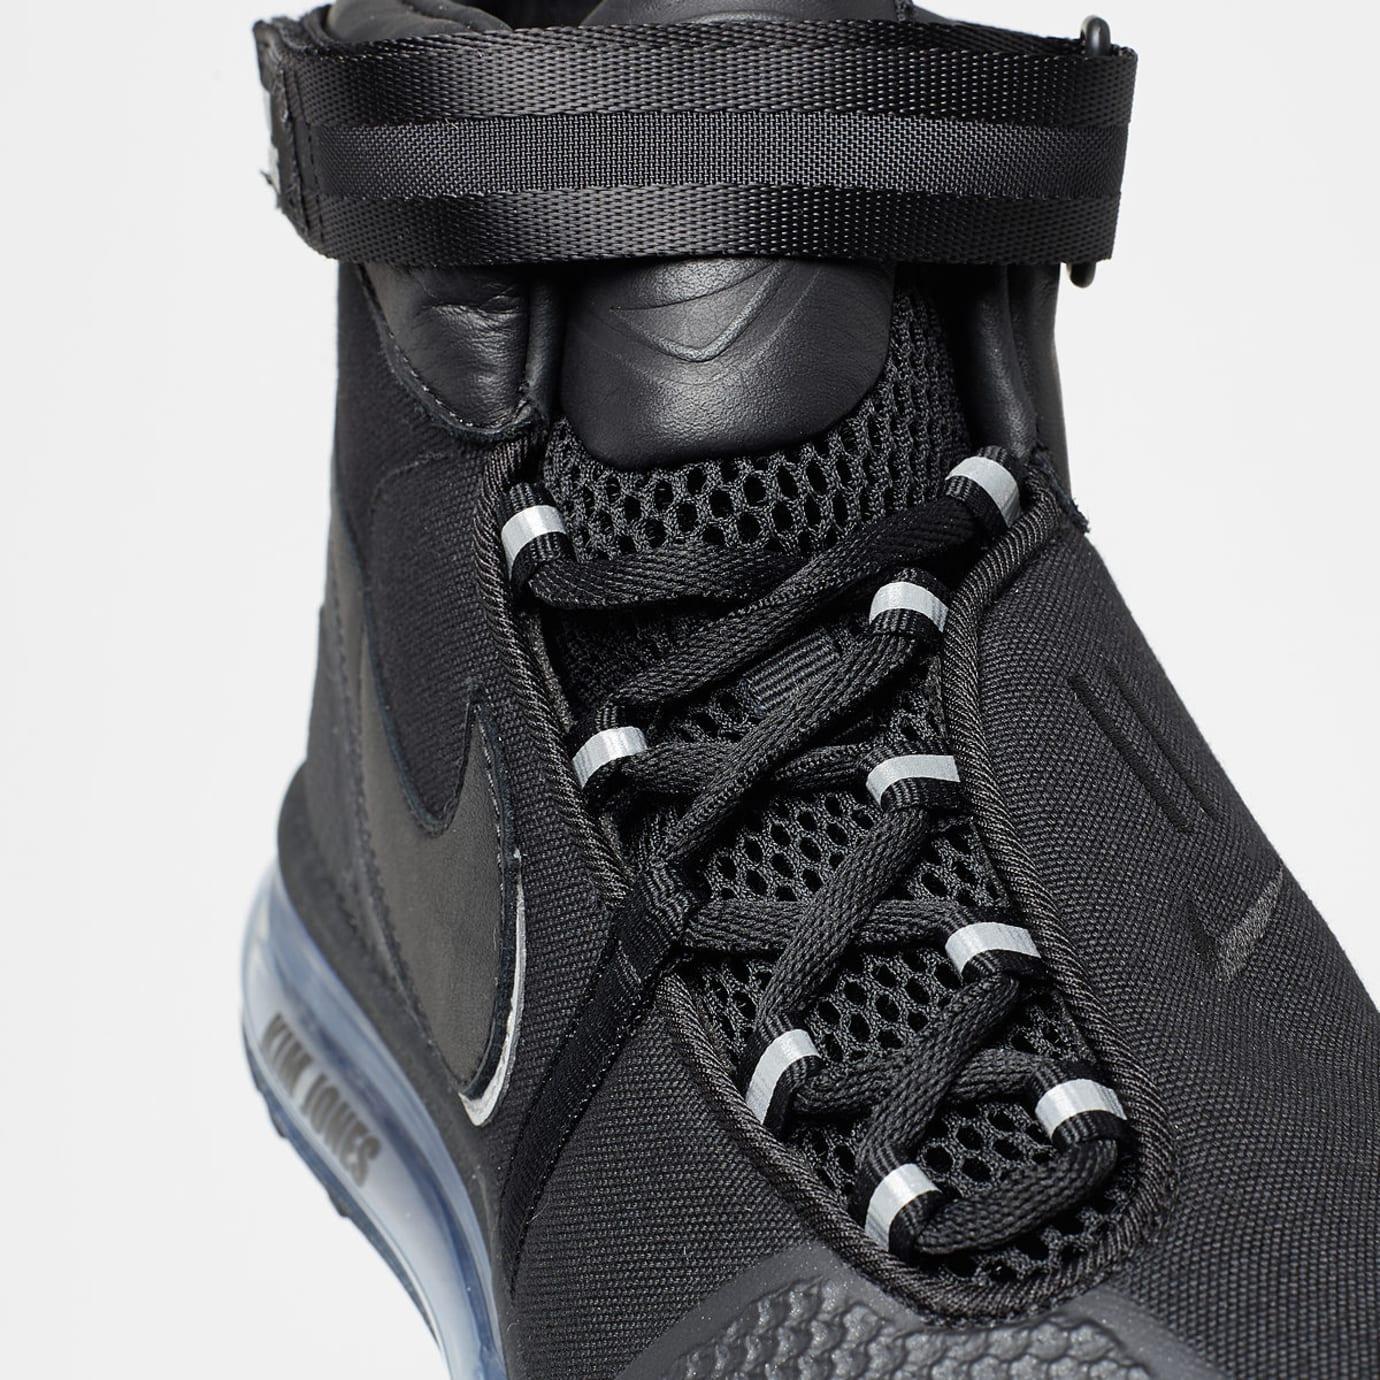 fc8d1f4cd Image via Solebox · Kim Jones x NikeLab Air Max 360 HI/JK 'Black' AO2313-001